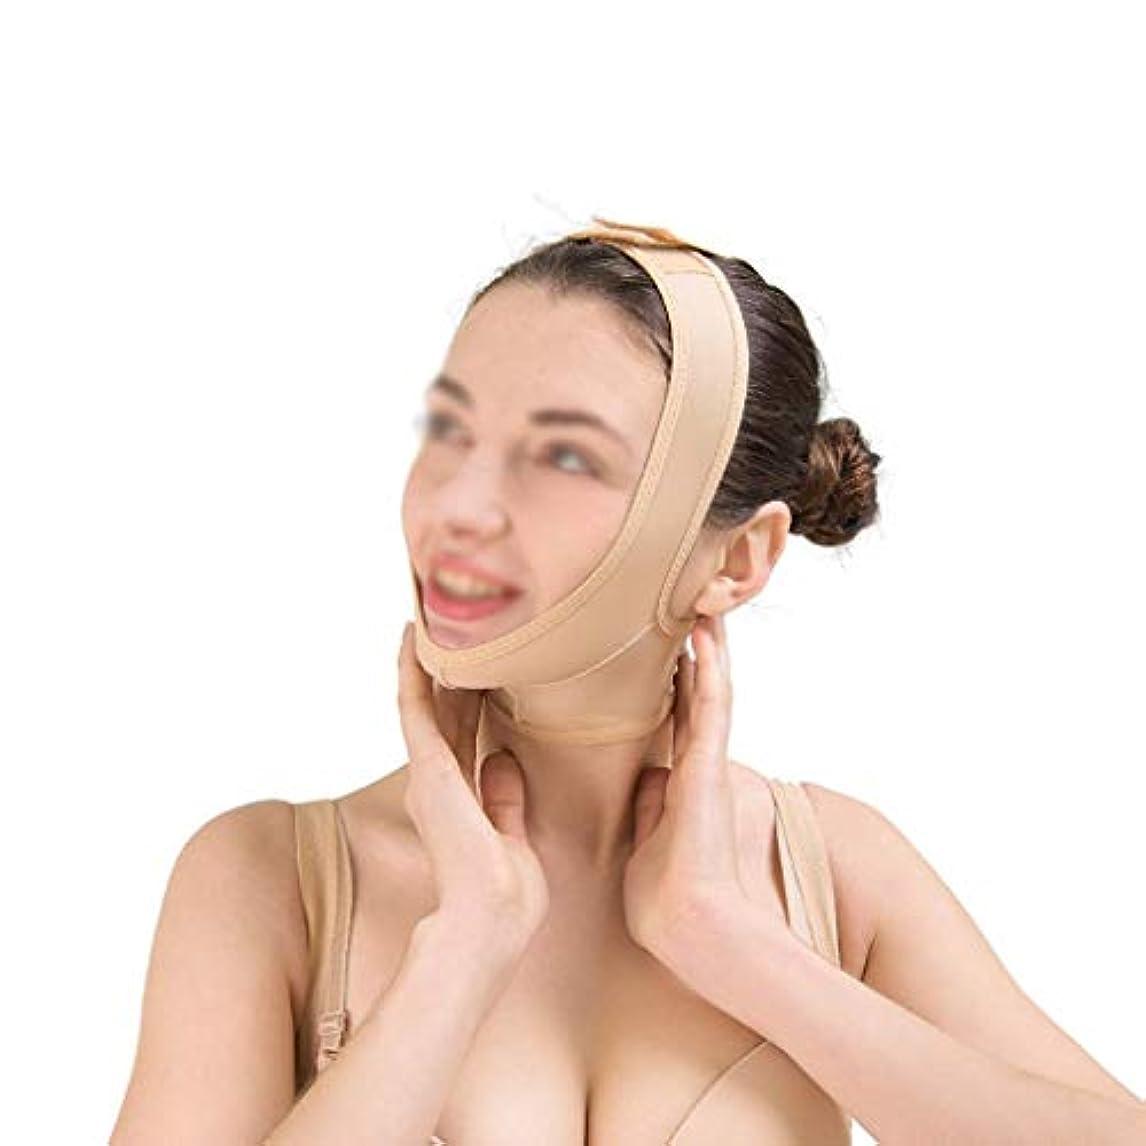 女の子下に建築ダブルチンストラップ、包帯の持ち上げ、肌の包帯の持ち上げと引き締め フェイスマスク、快適で 顔の持ち上がるマスク(サイズ:S),XL